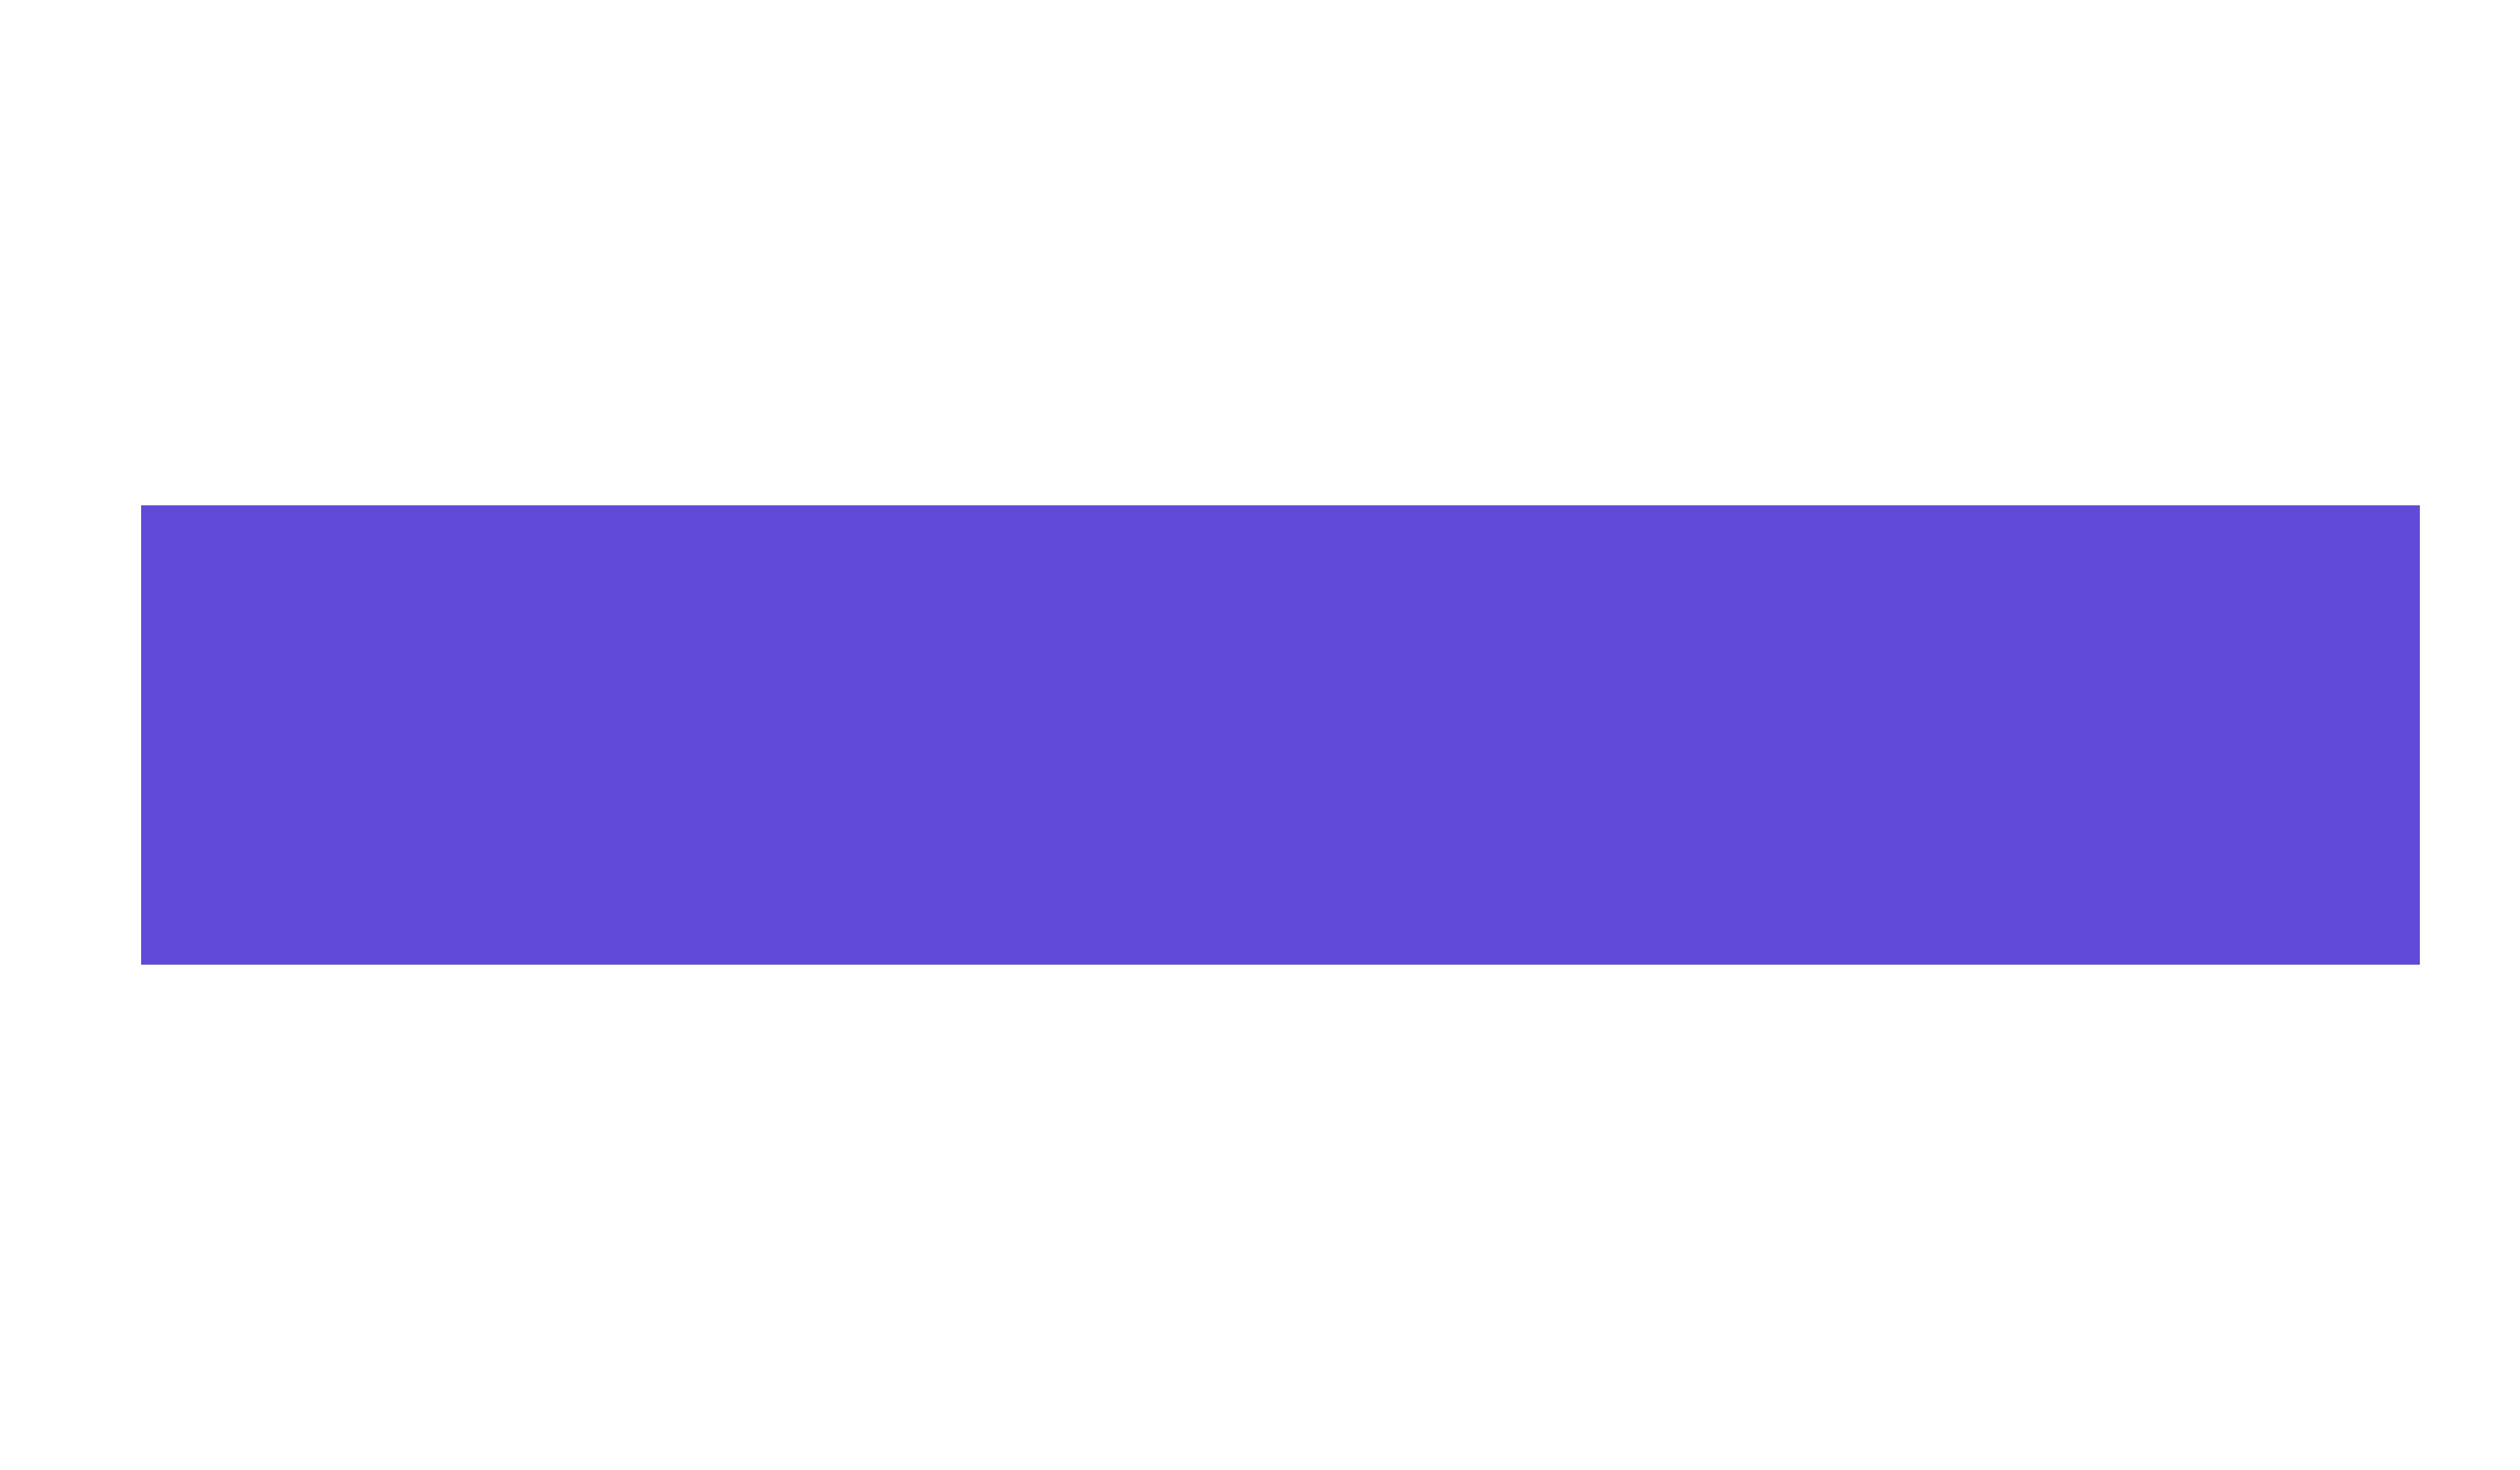 Banco Brubank